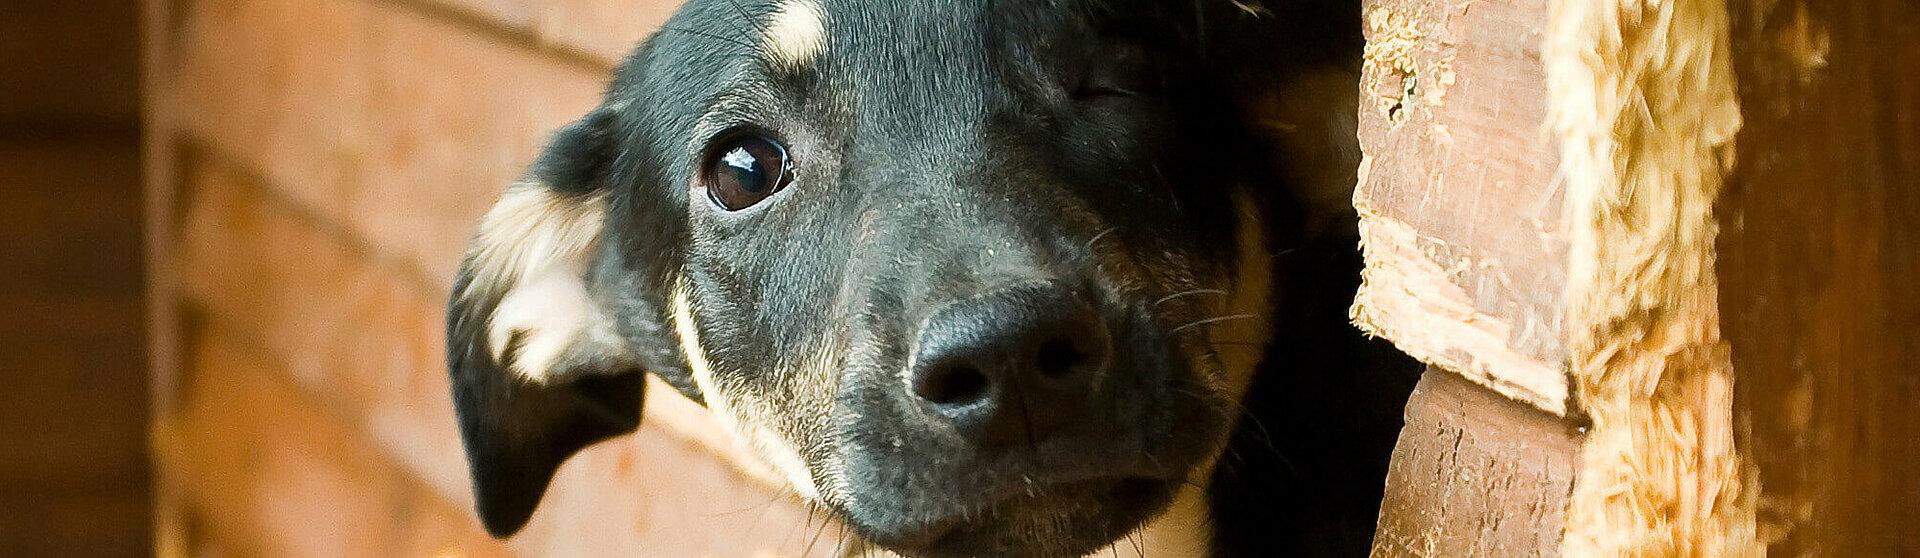 Hund mit einer Bindehautentzündung.